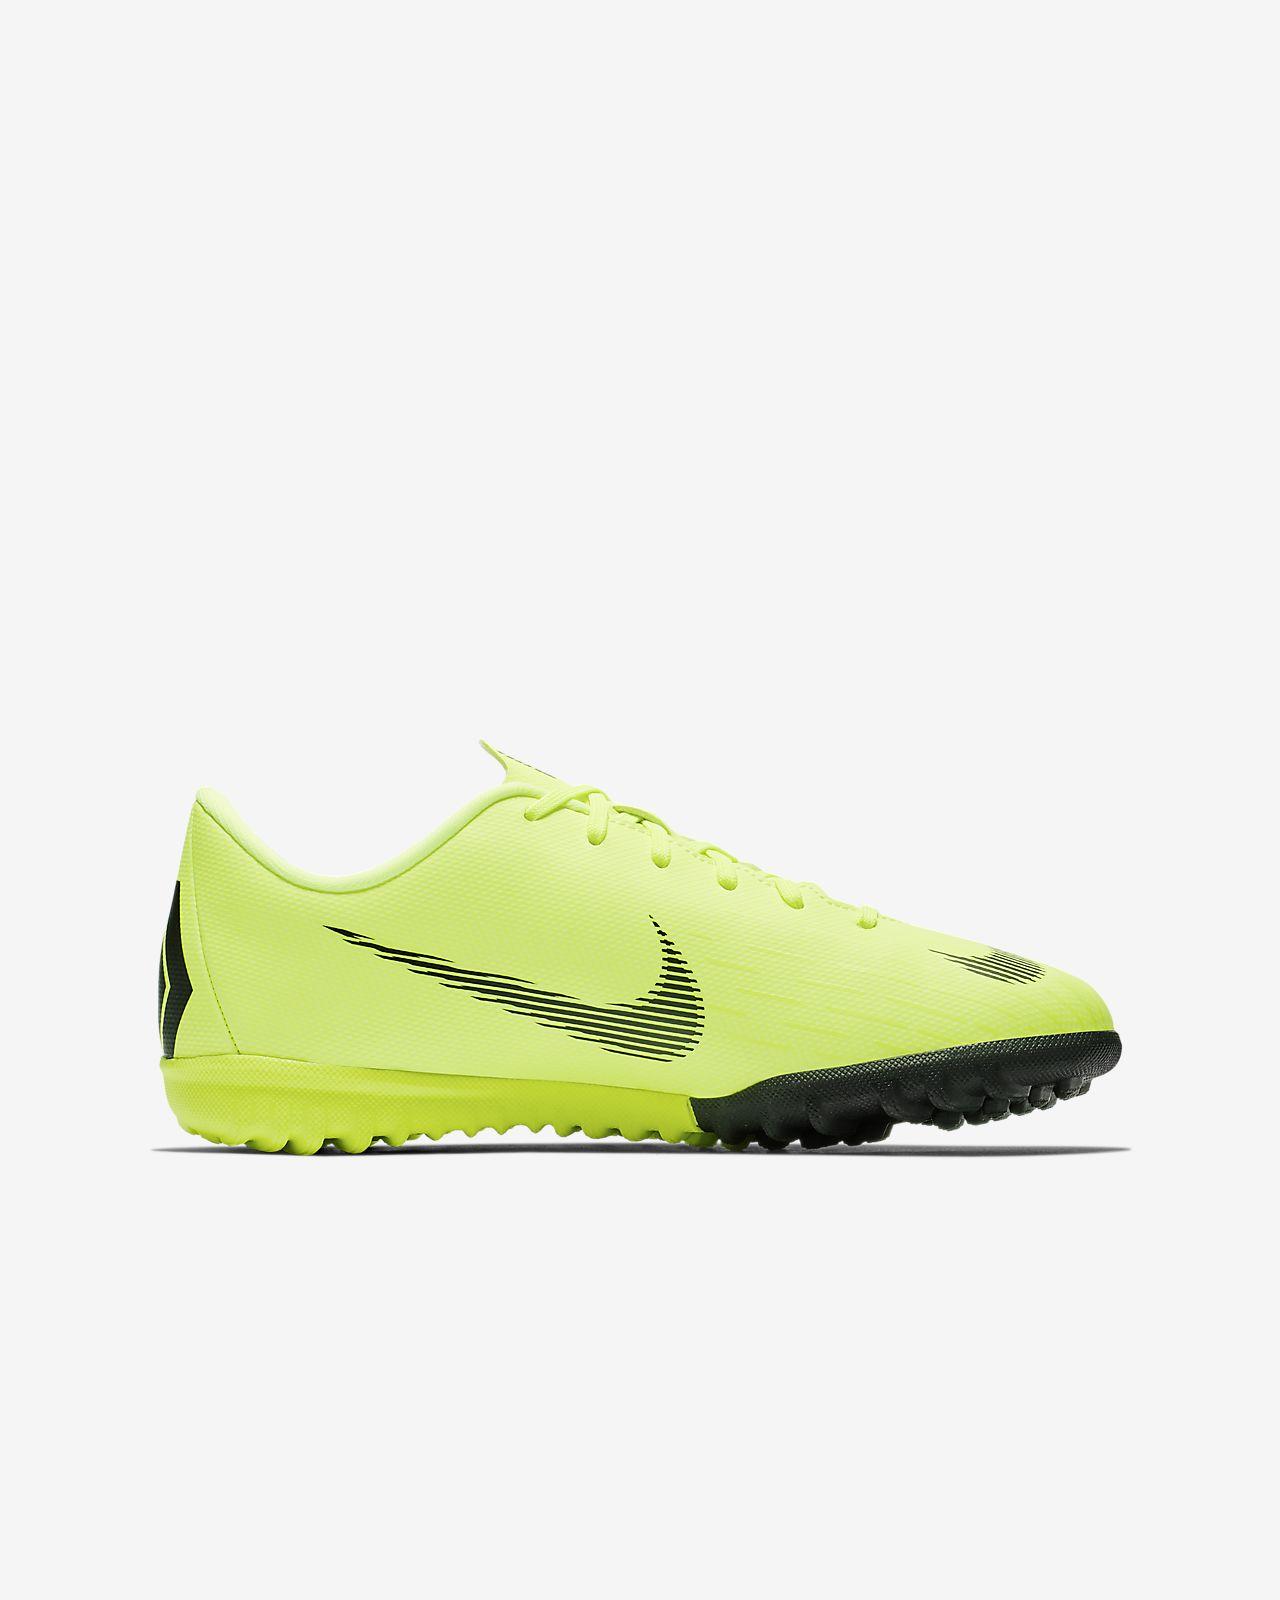 new concept 75b37 02b51 ... Fotbollssko för grus konstgräs Nike Jr. MercurialX Vapor XII Academy  för barn ungdom